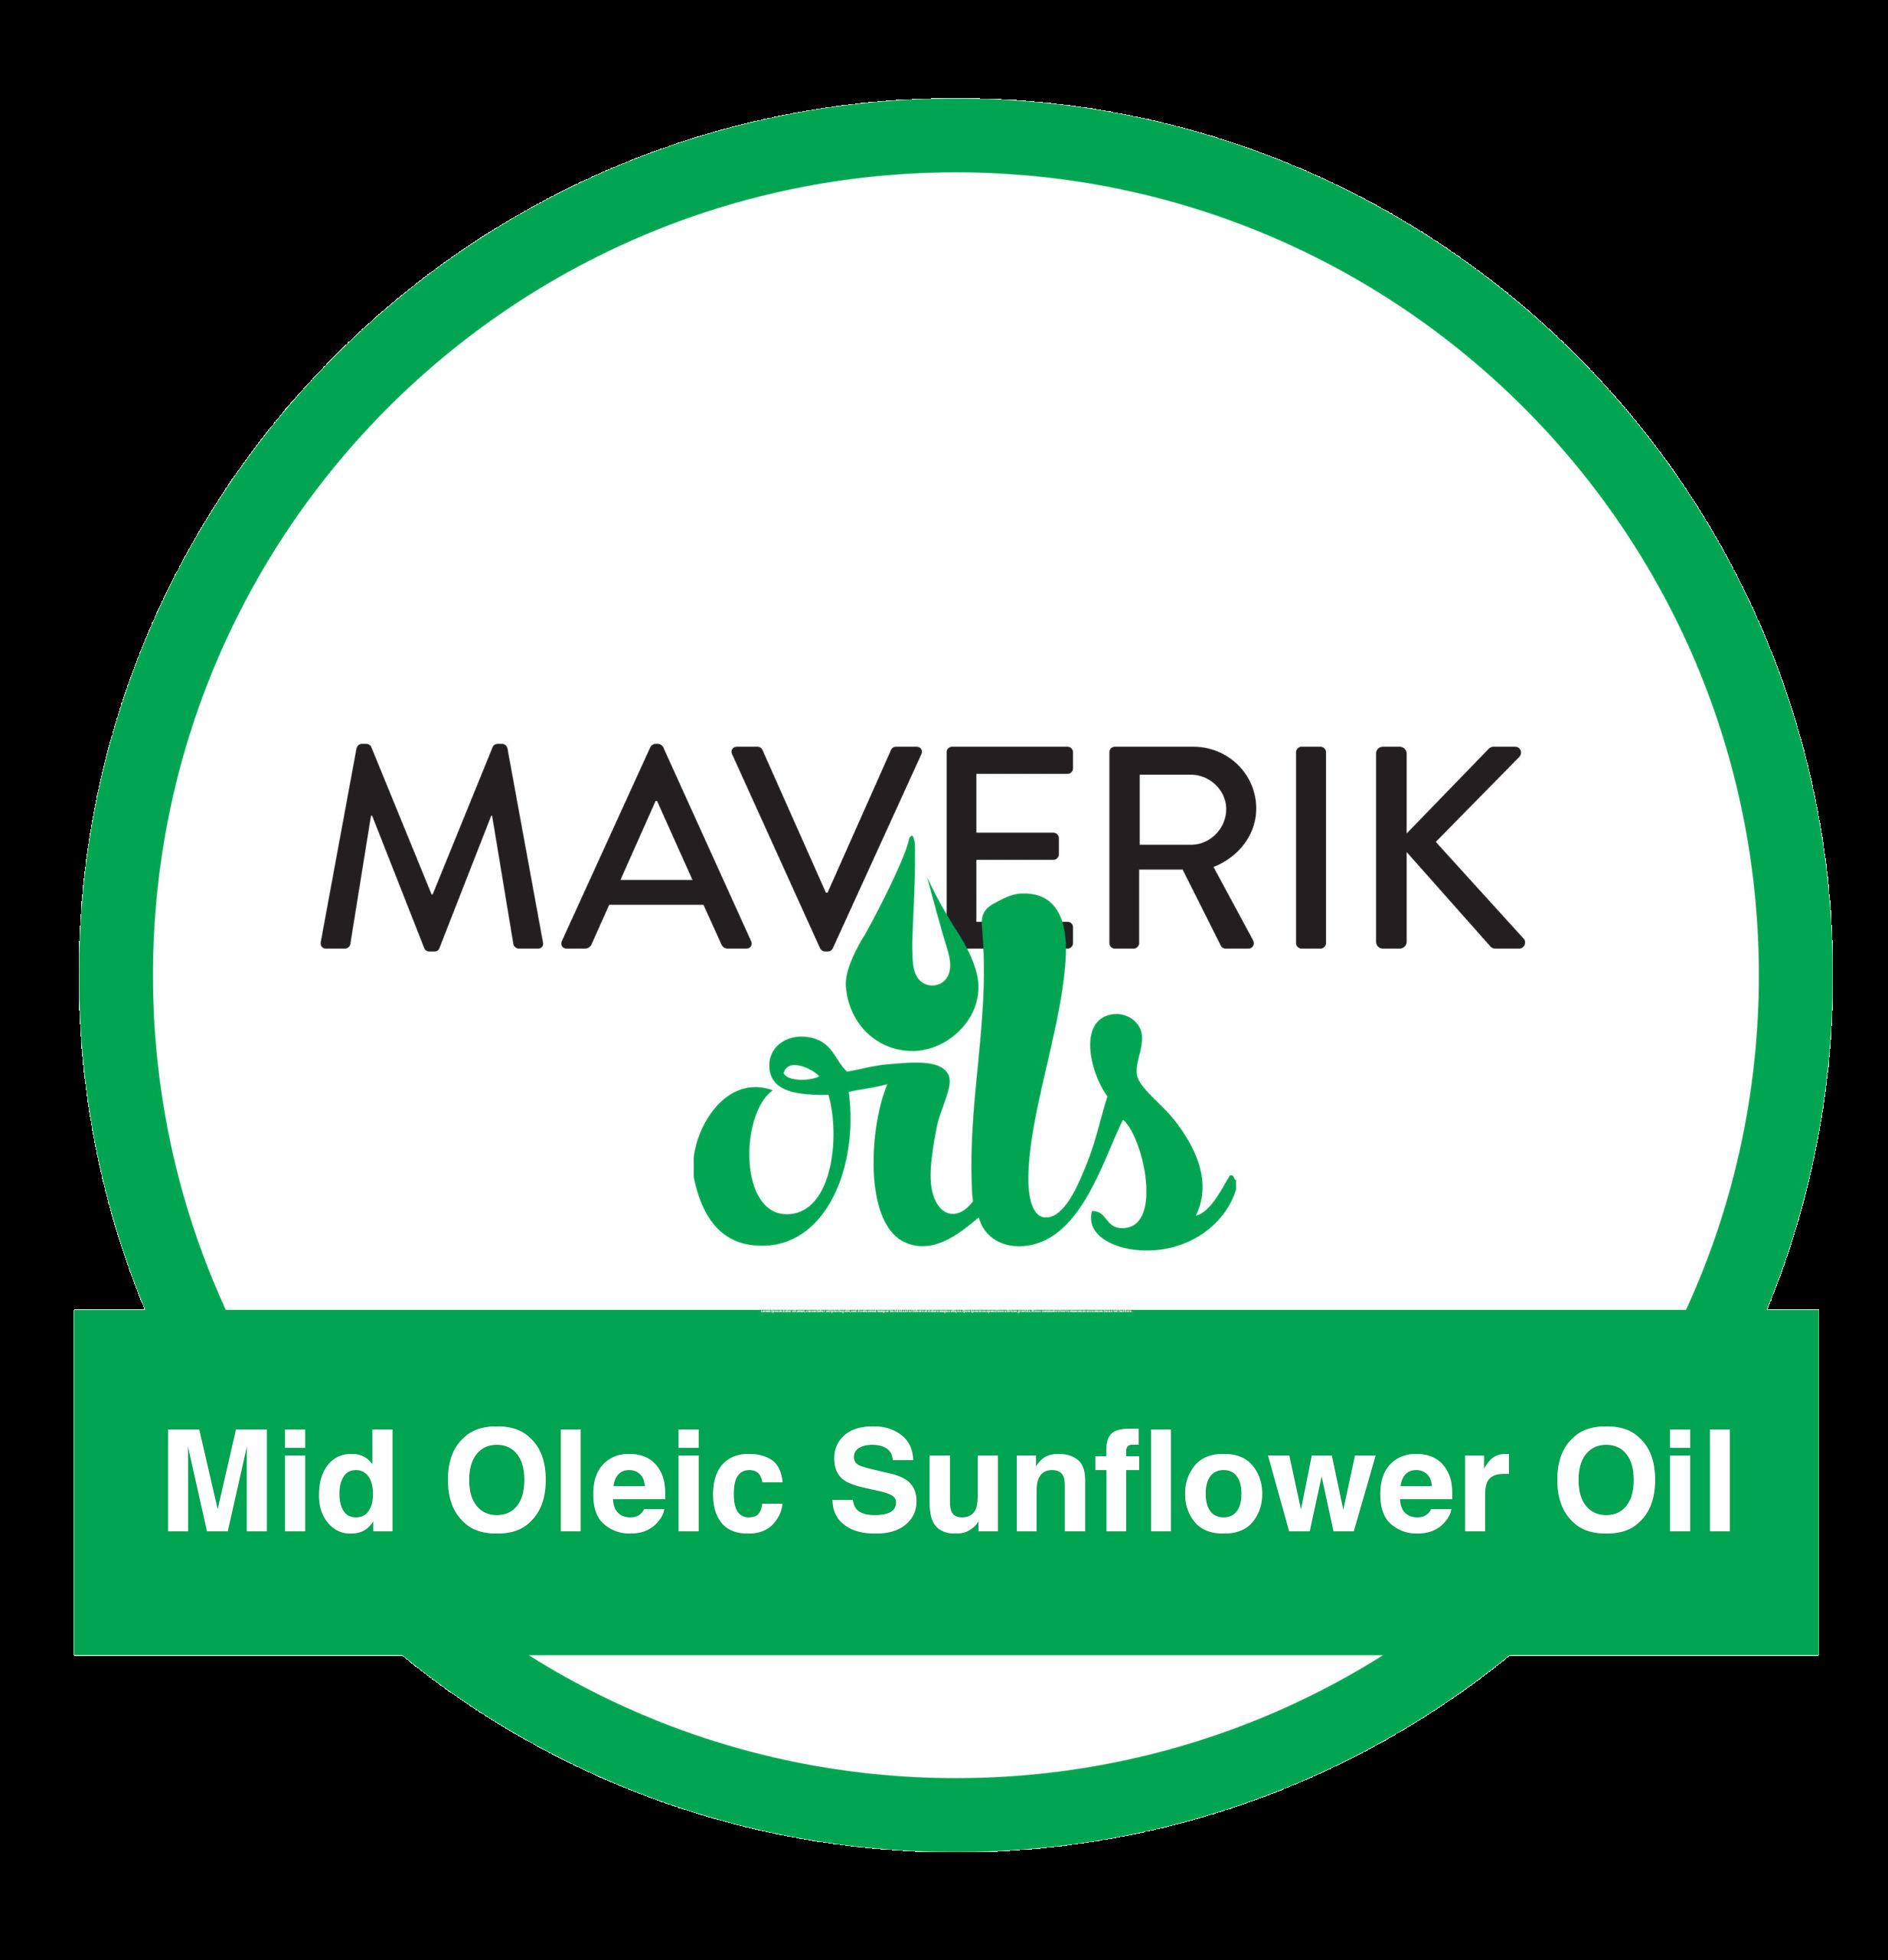 Mid Oleic Sunflower Oil